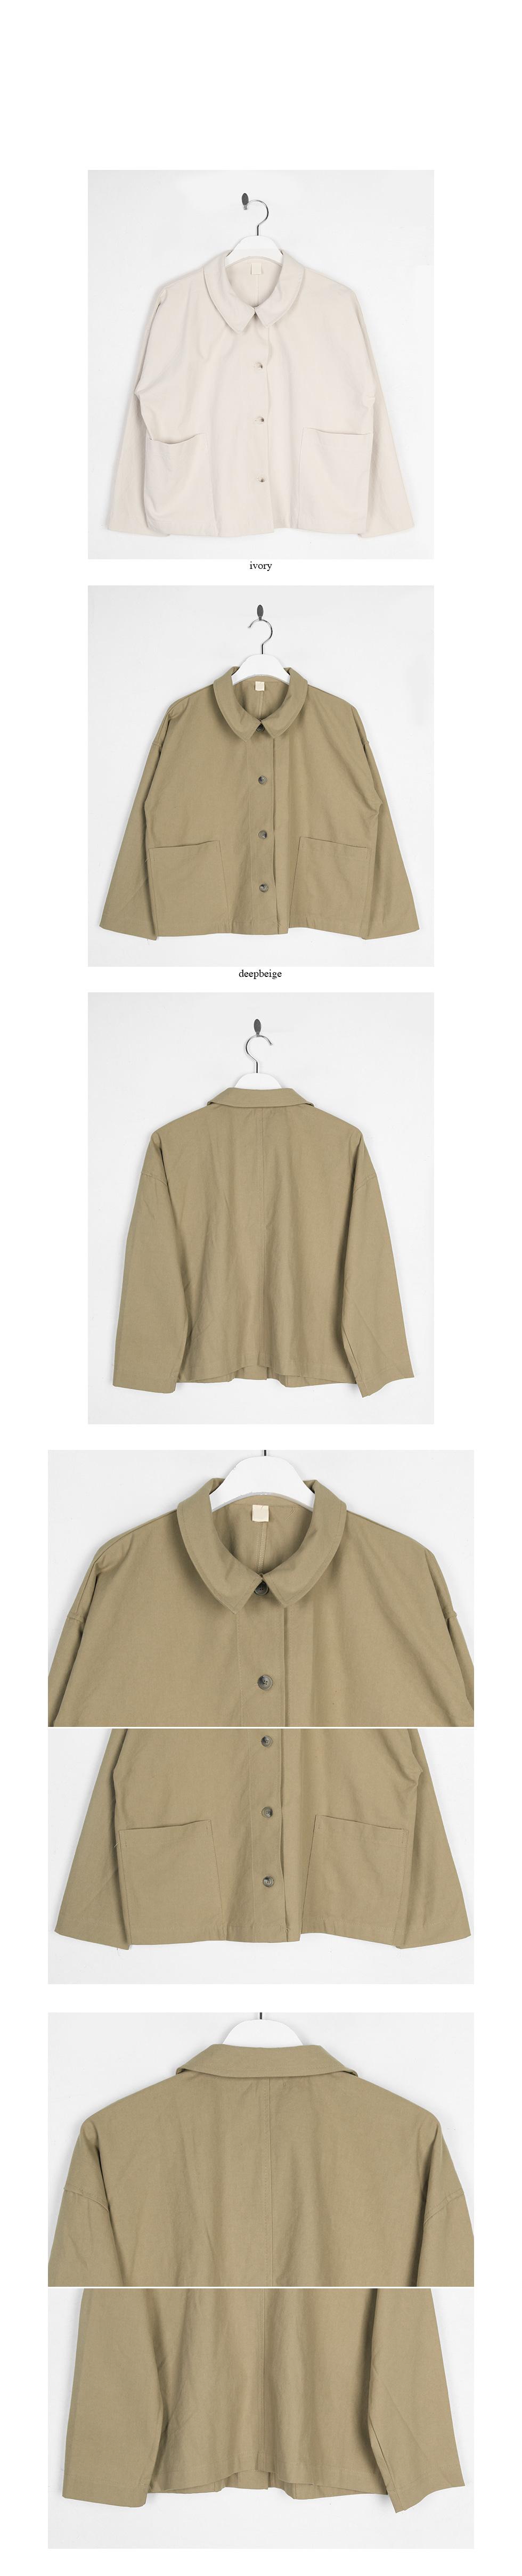 patch pocket over jacket